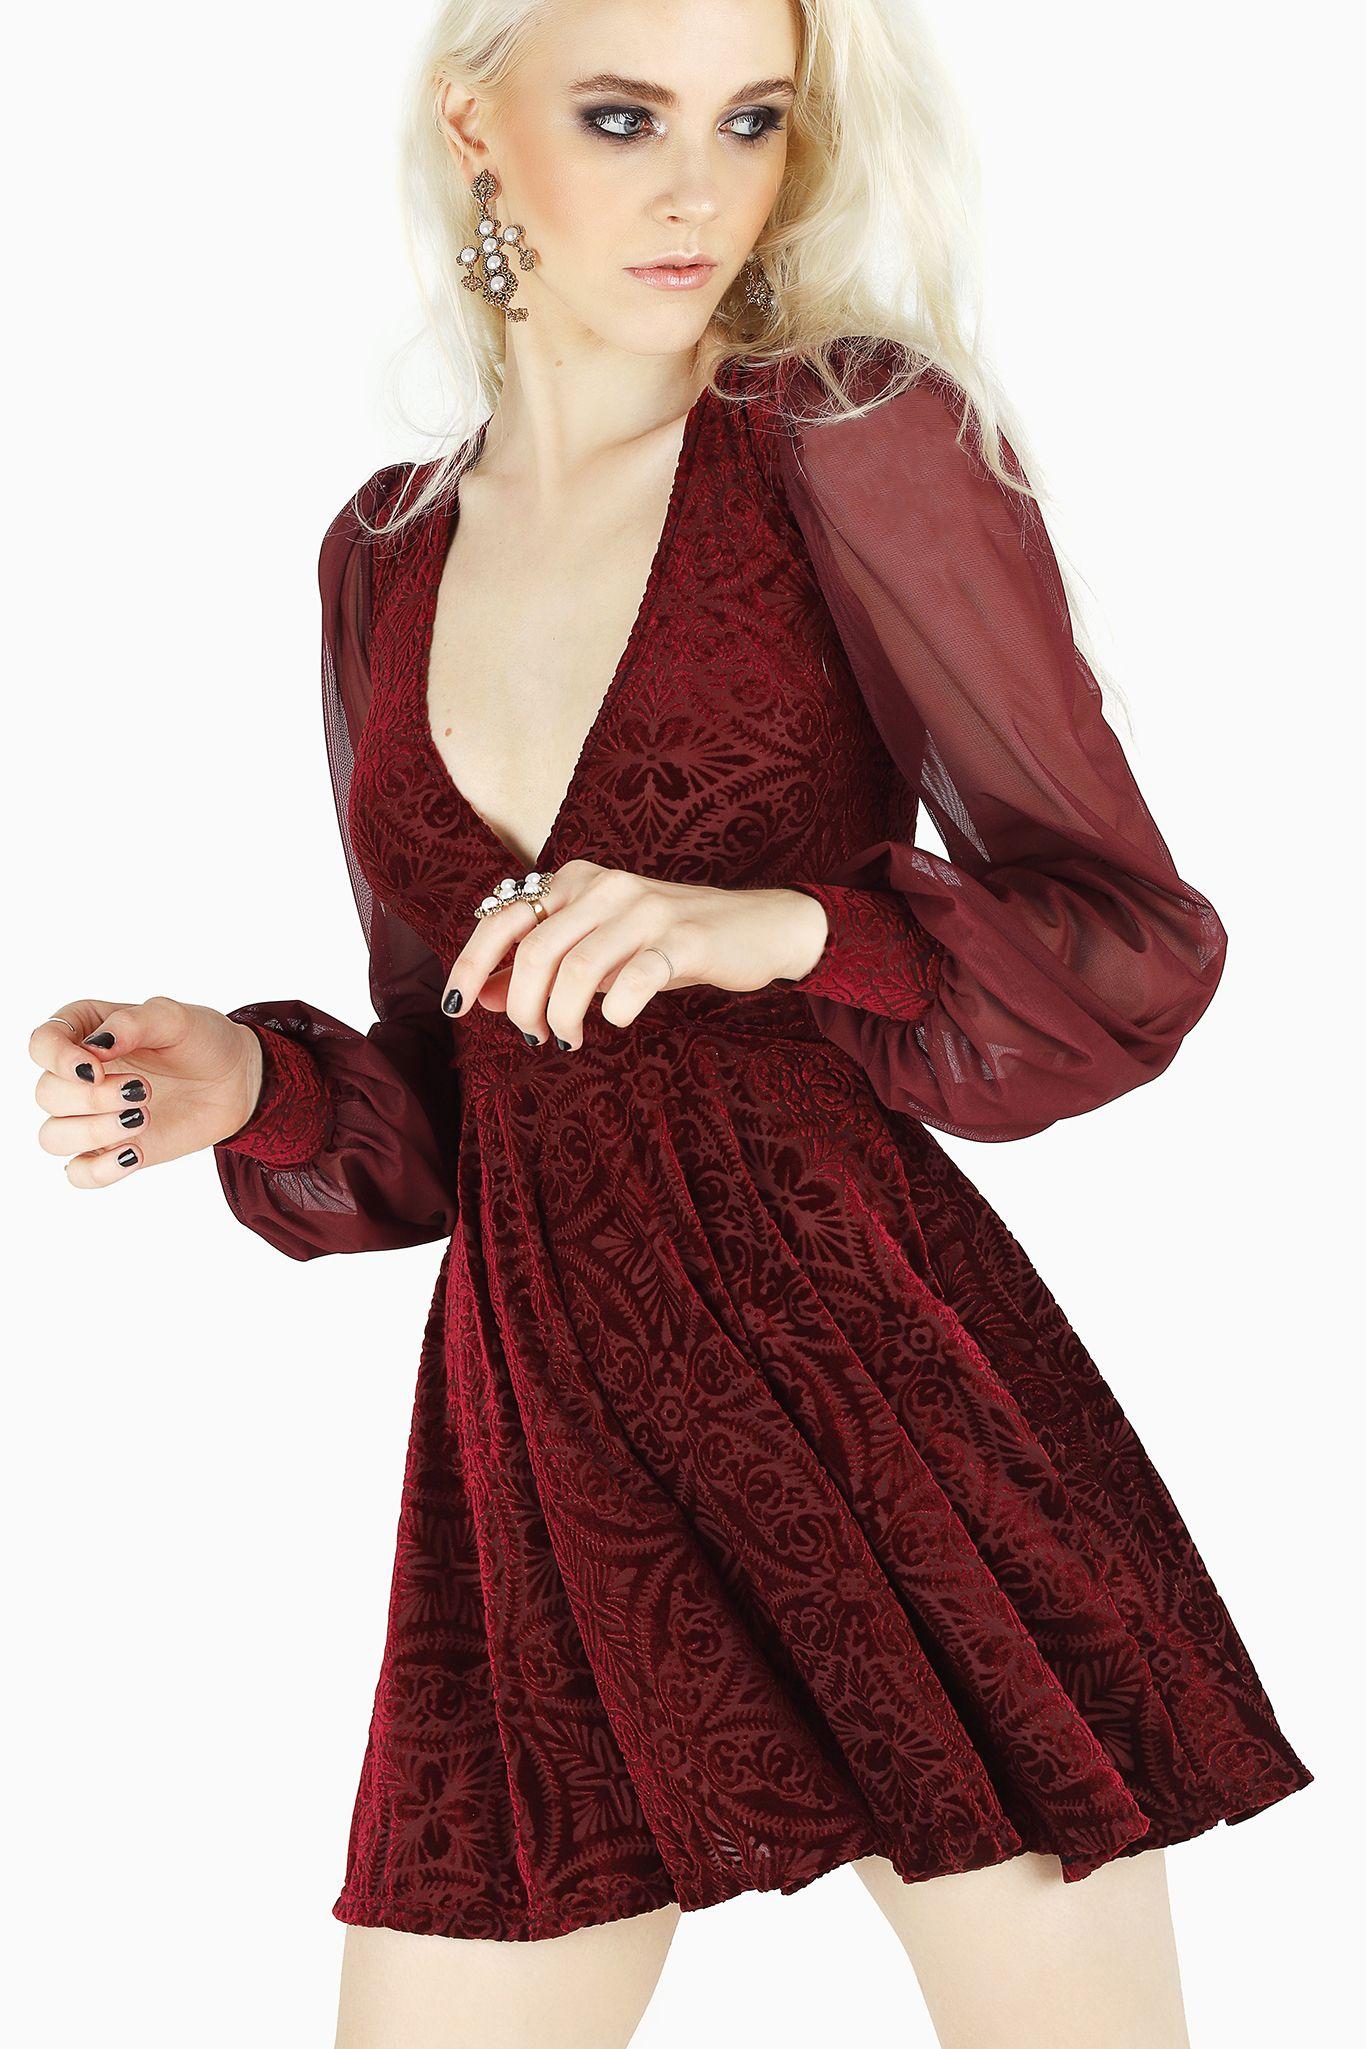 Burned Velvet Wine Sheer Romance Dress Limited 110aud By Blackmilk Clothing Dresses Bm Dresses Sleeved Velvet Dress